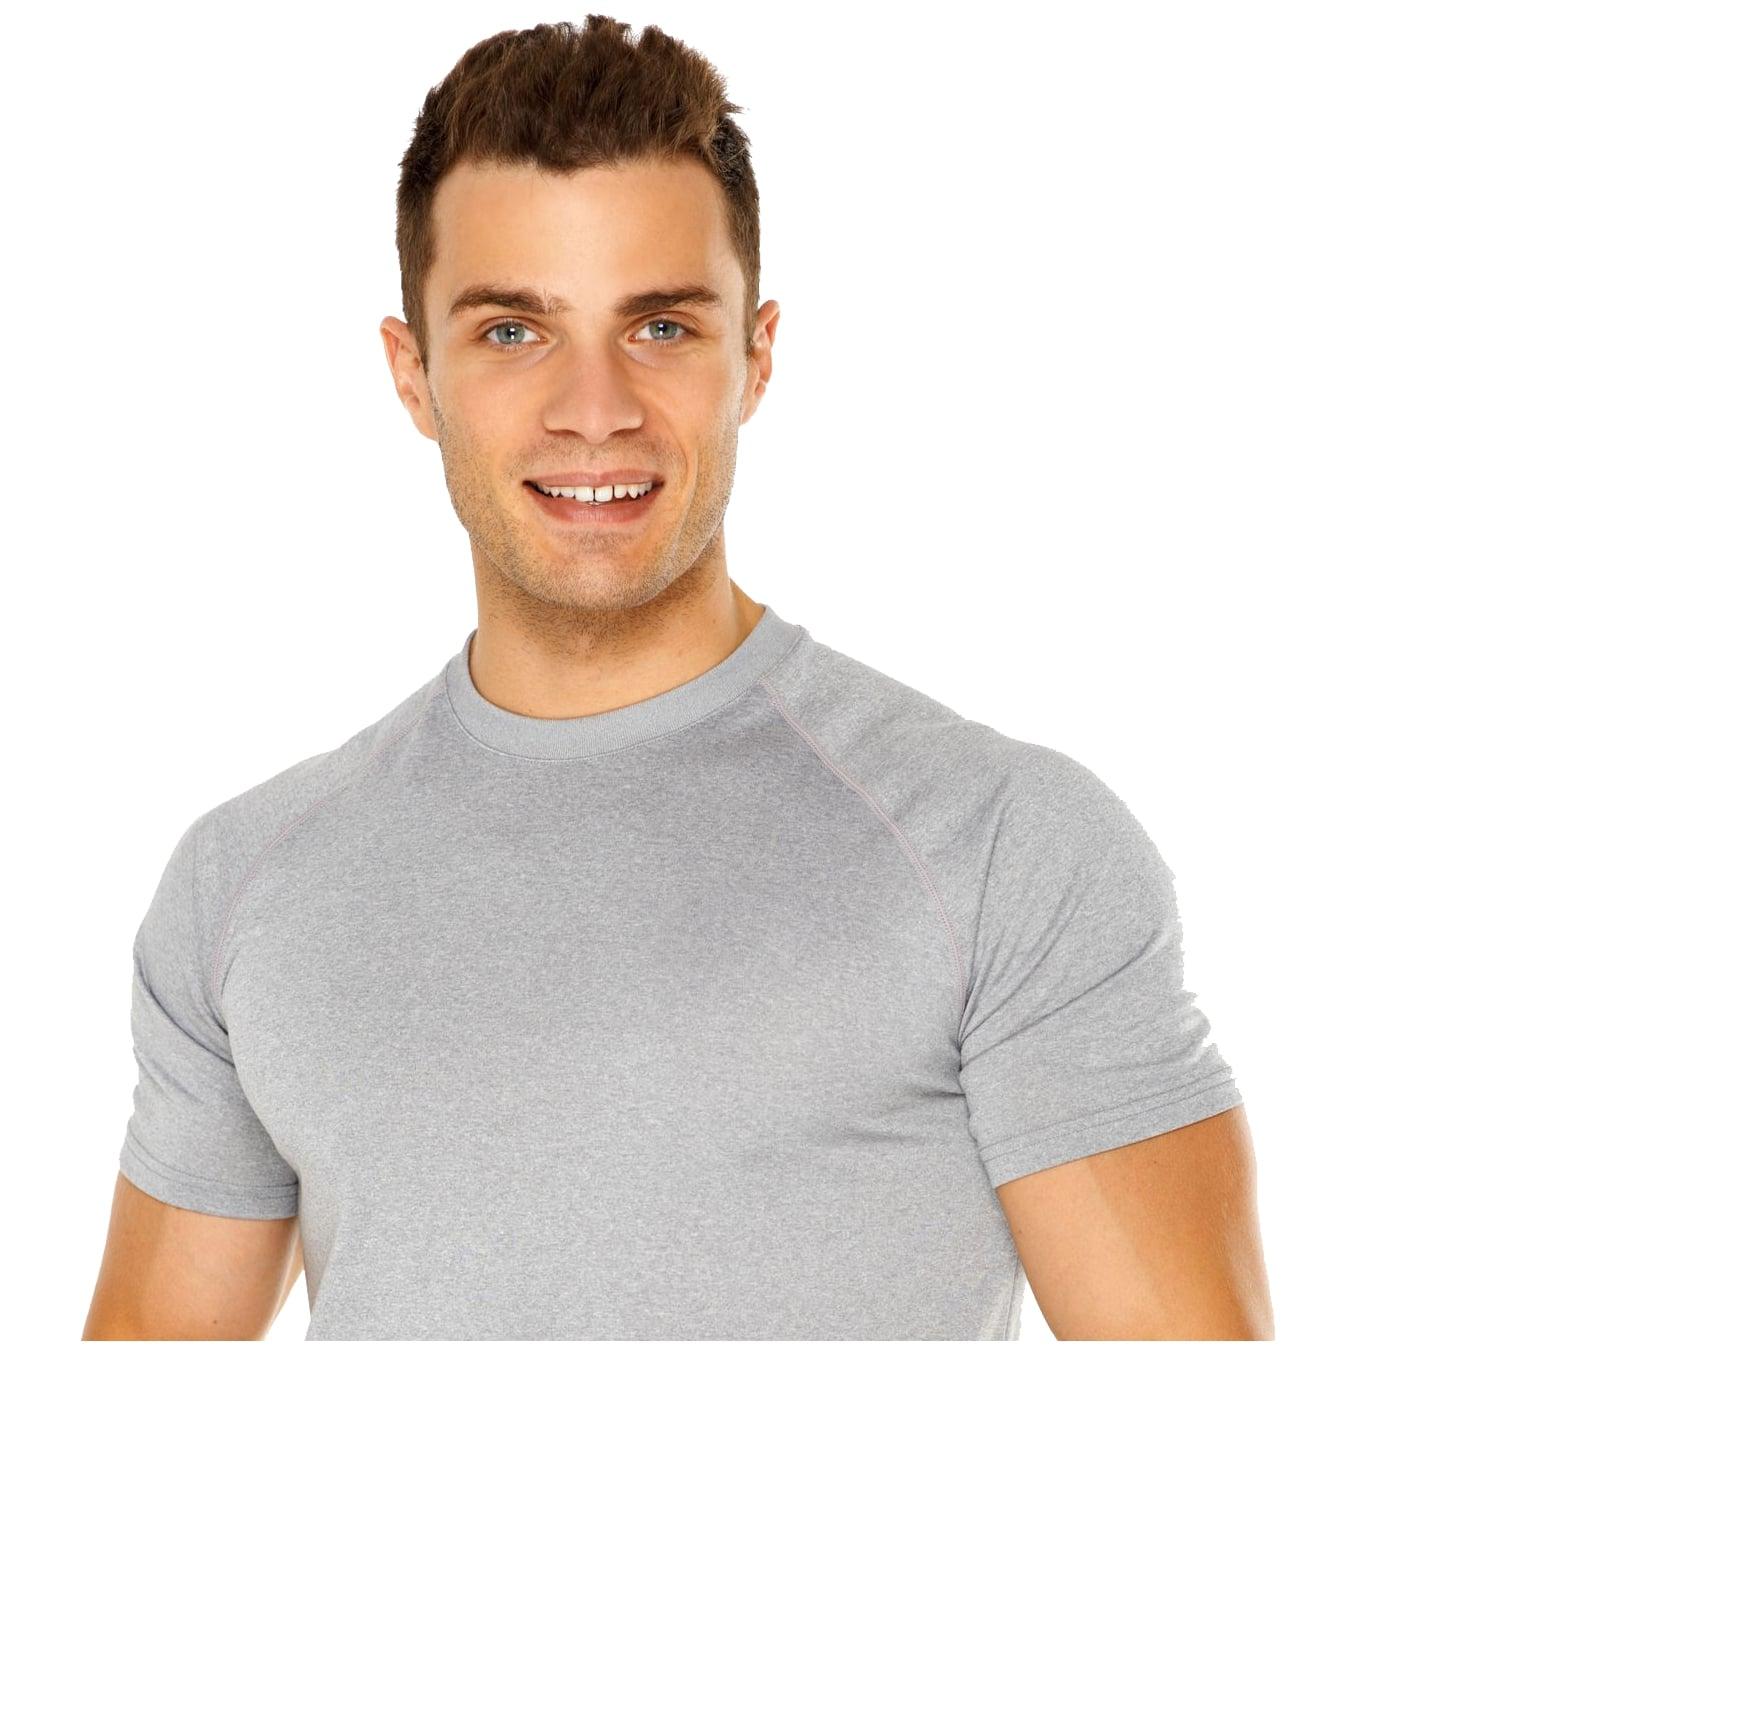 Sportlicher Mann gesunde Ernaehrung